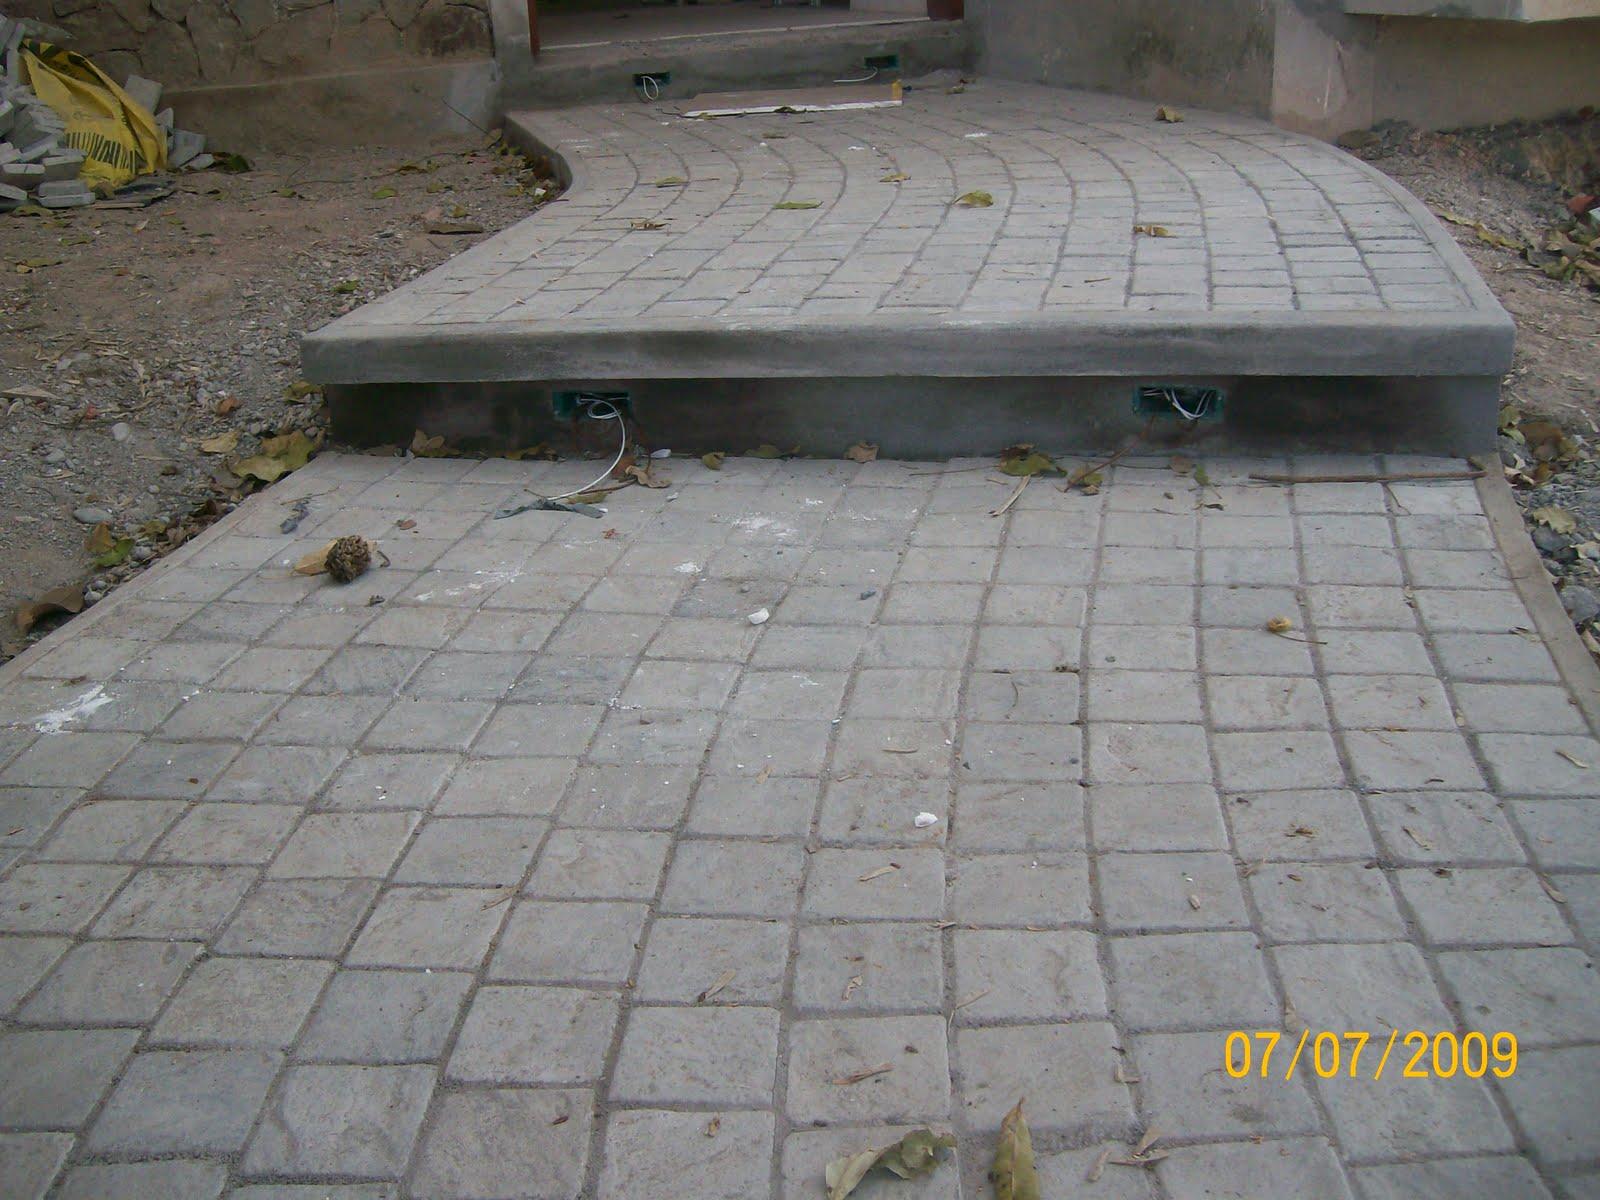 La industrial s r l pisos y adoquines rusticos for Pisos rusticos